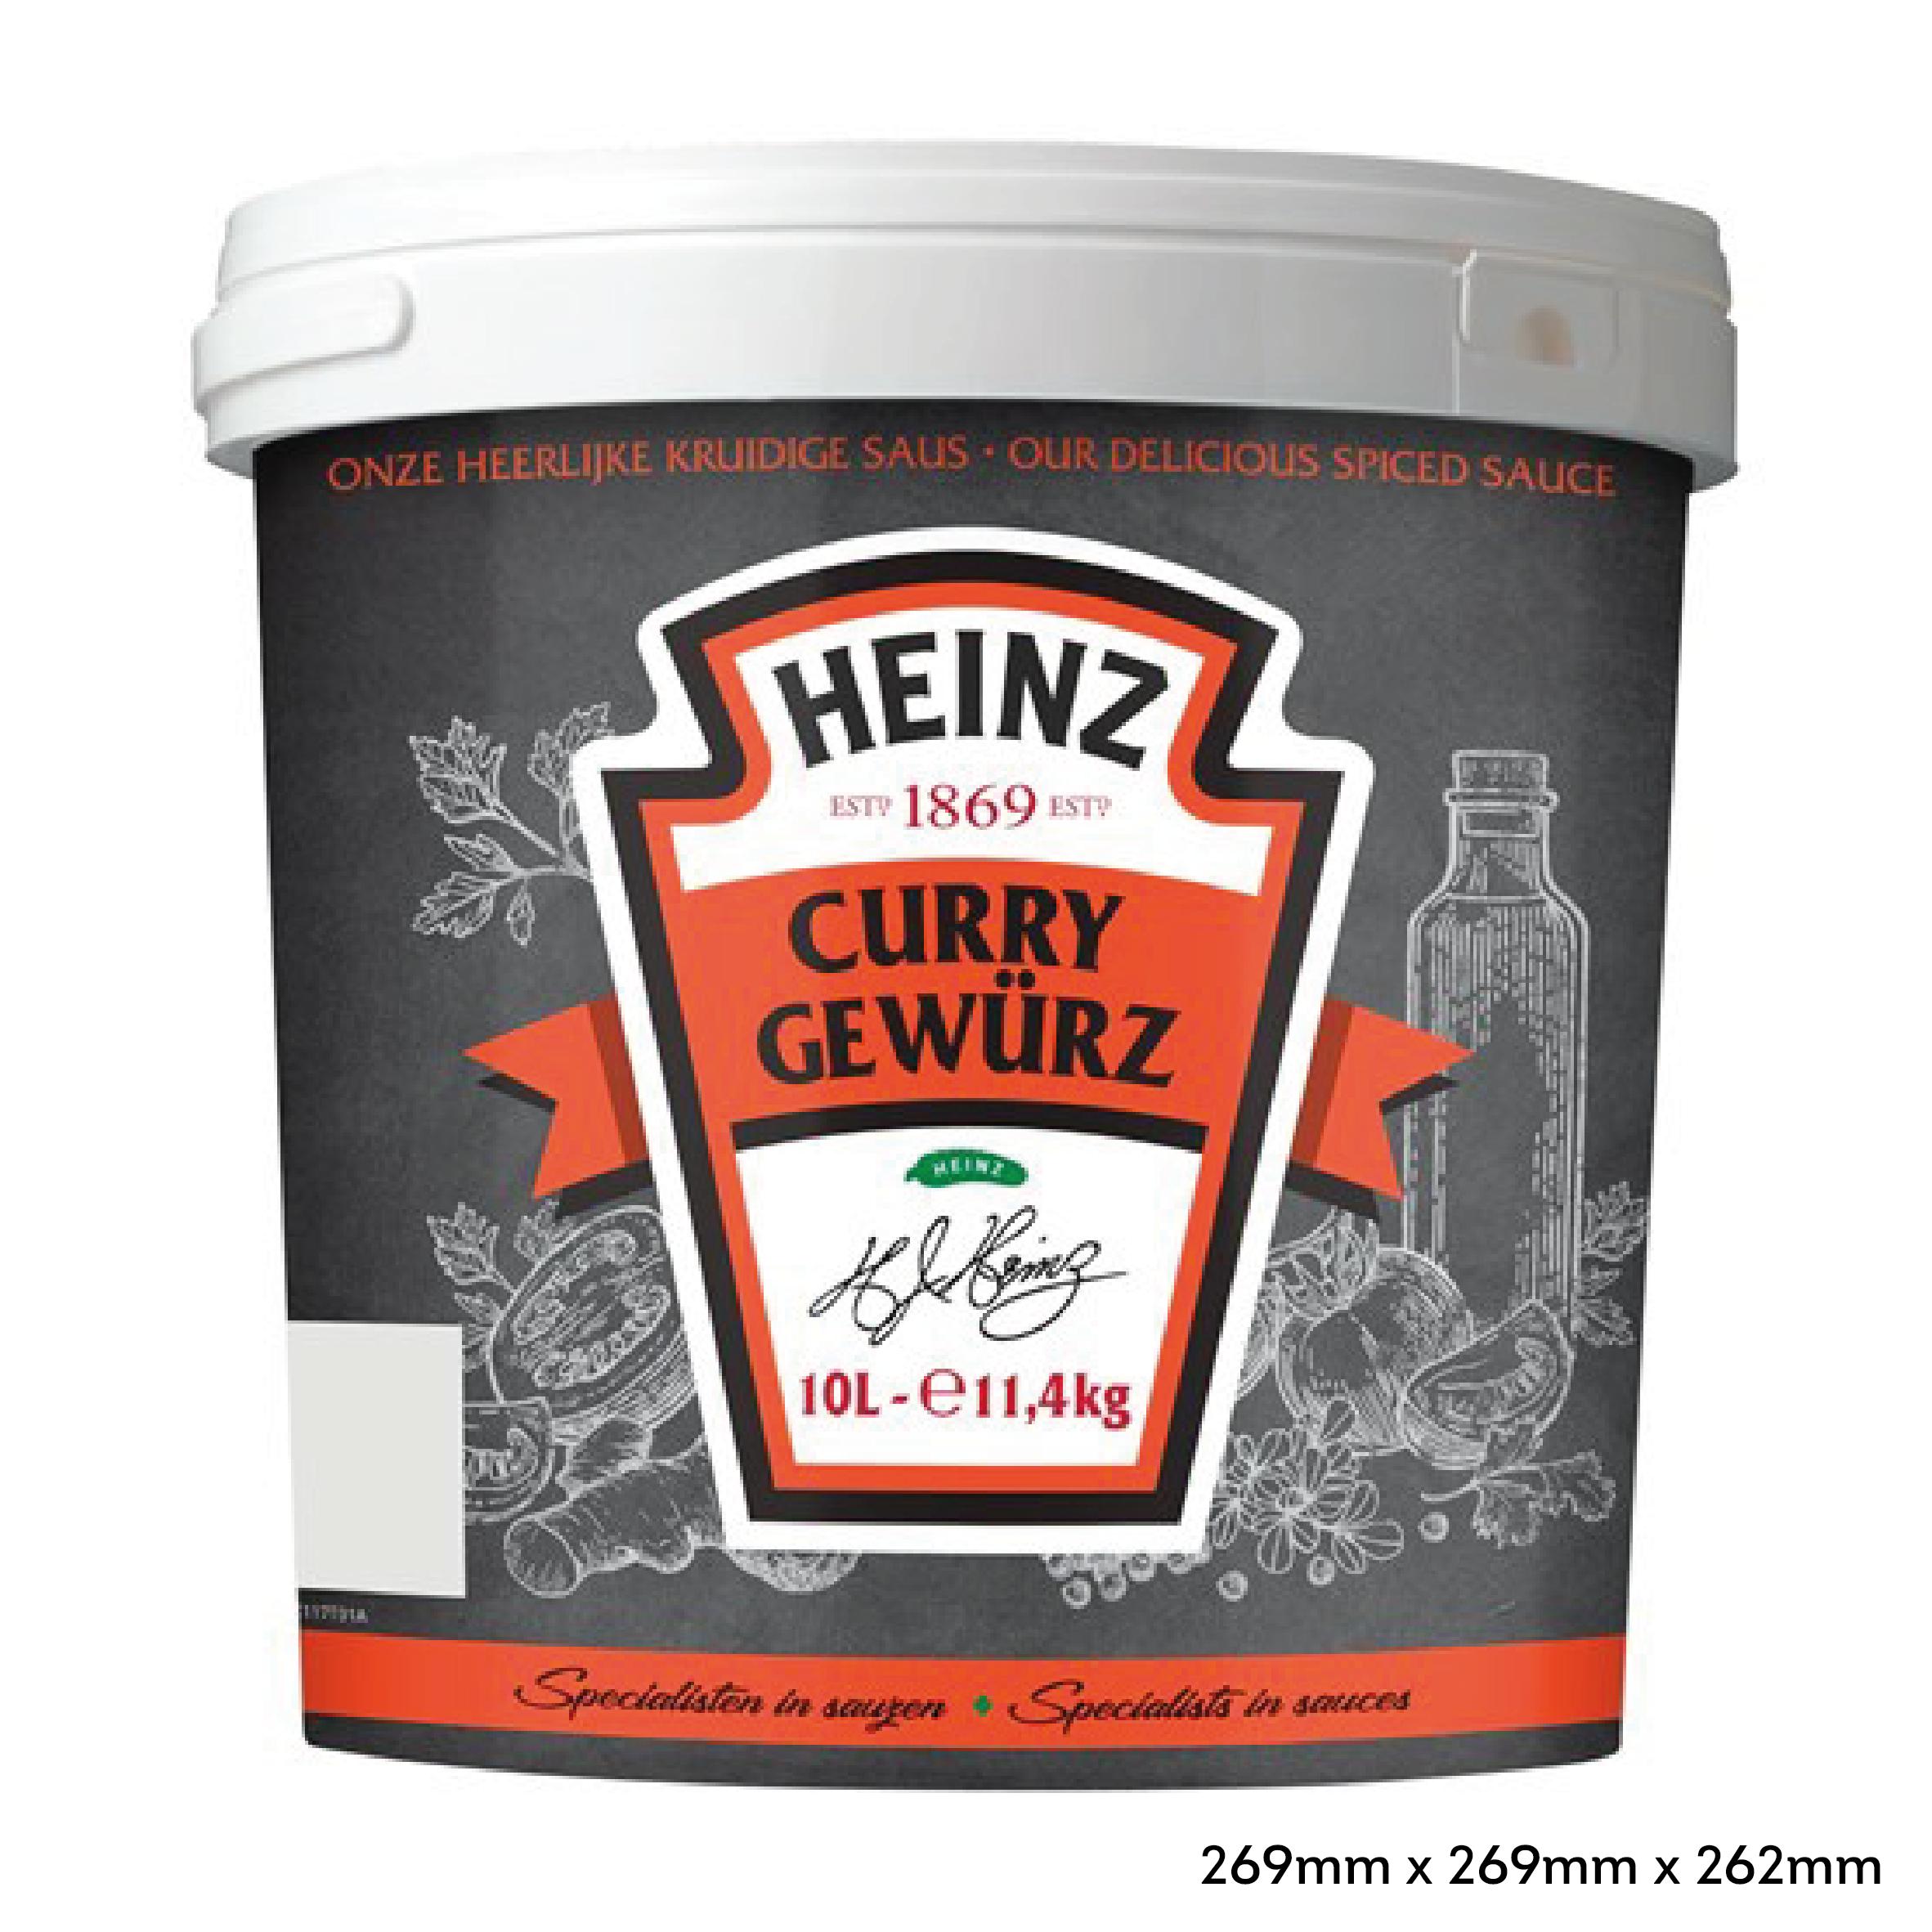 Heinz Curry gewurz 10L Emmers